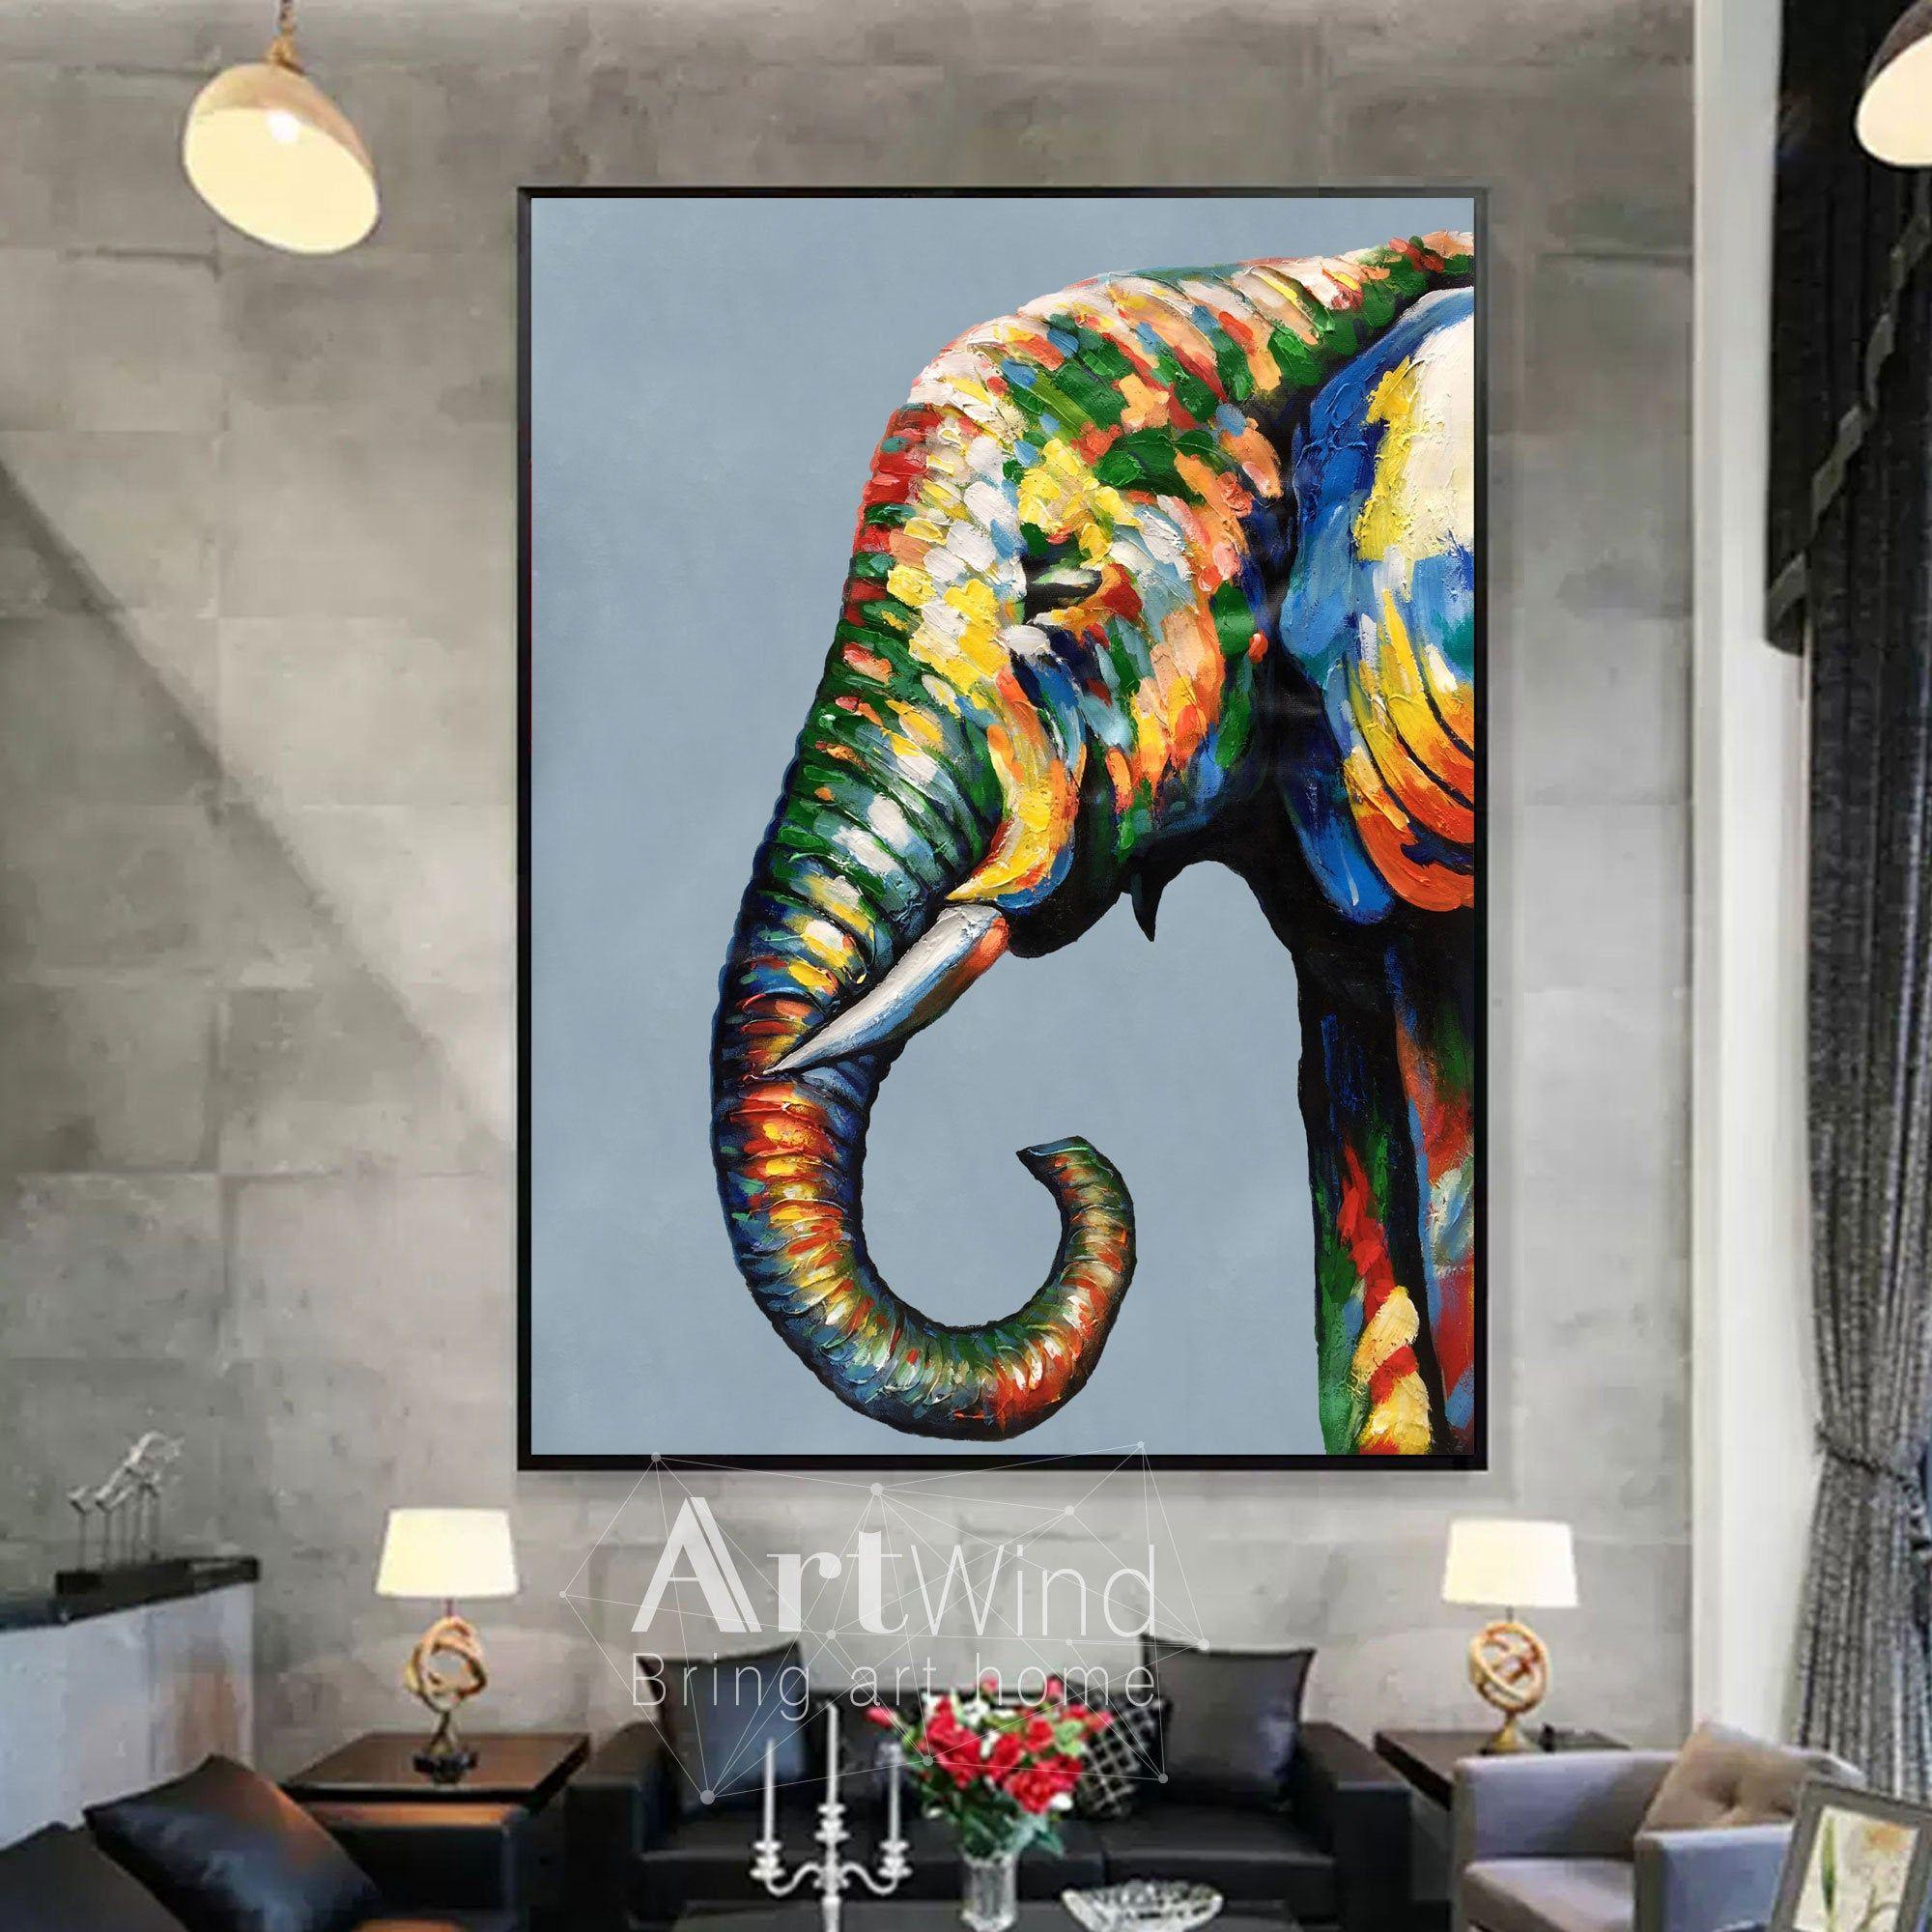 Affordable Art Office Art Modern Art Home Decor Elephant Original Artwork Pop Art Original Art Painting Wall Art Acrylic Painting